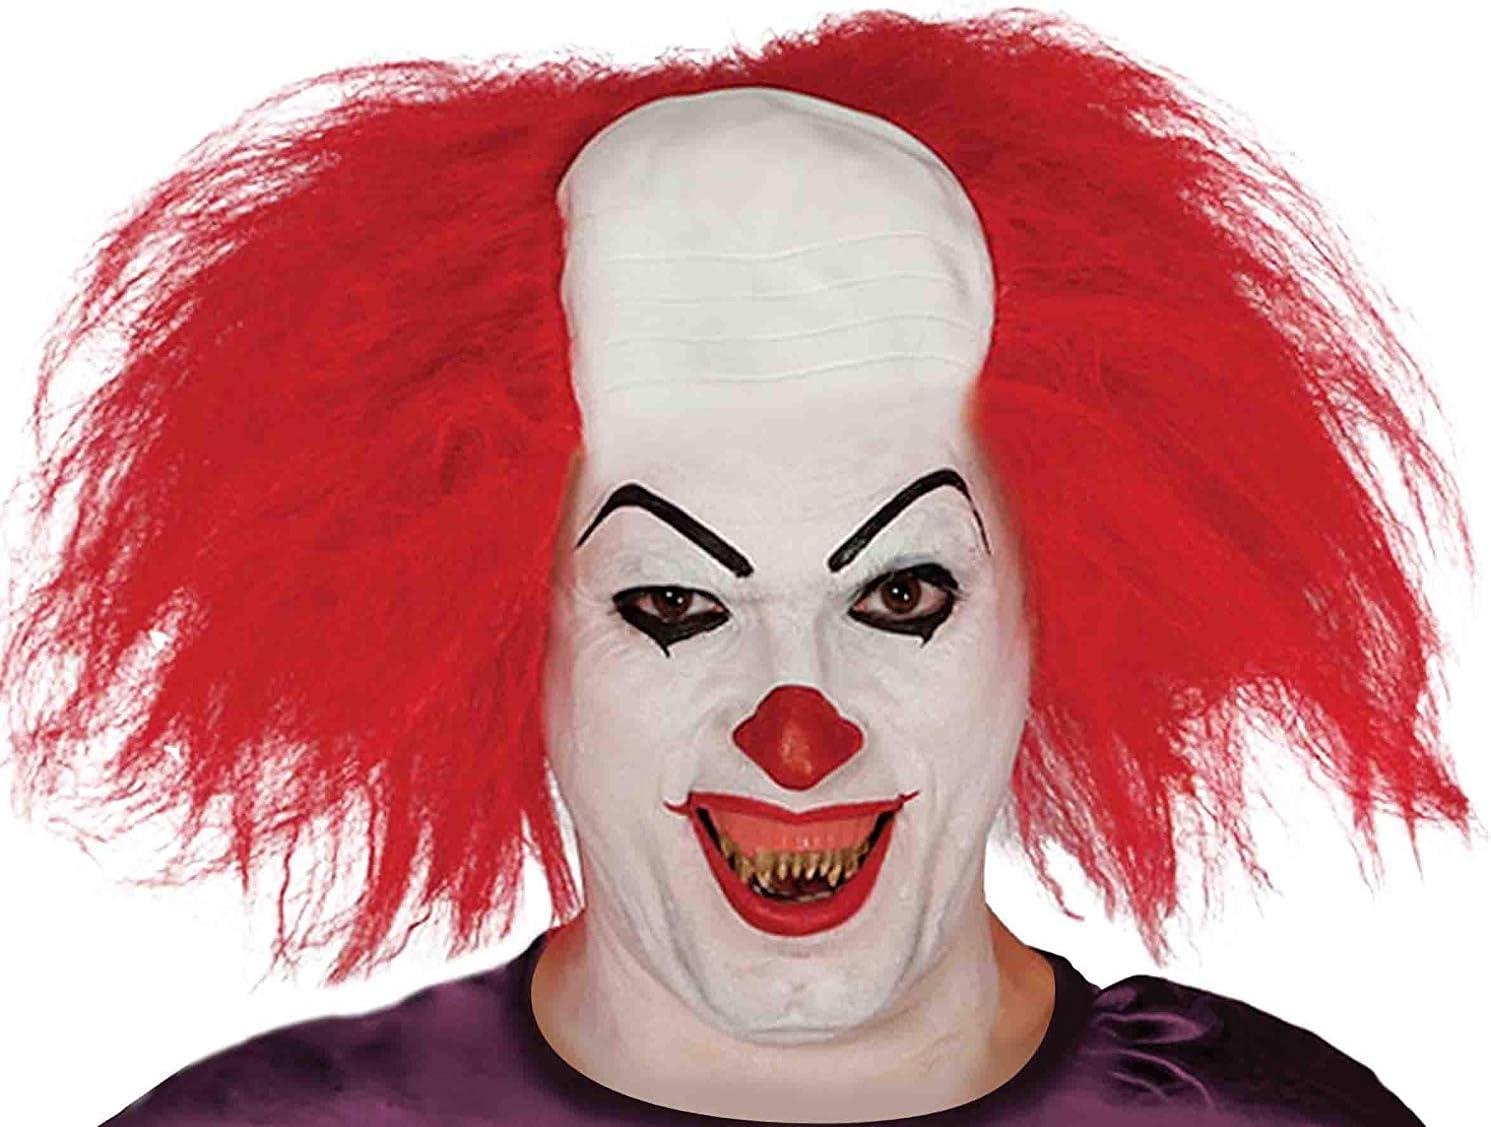 Parrucca Adulti Colore Arancione Idea Regalo Originale KIRALOVE Parrucca Pagliaccio Uomo Clown Carnevale